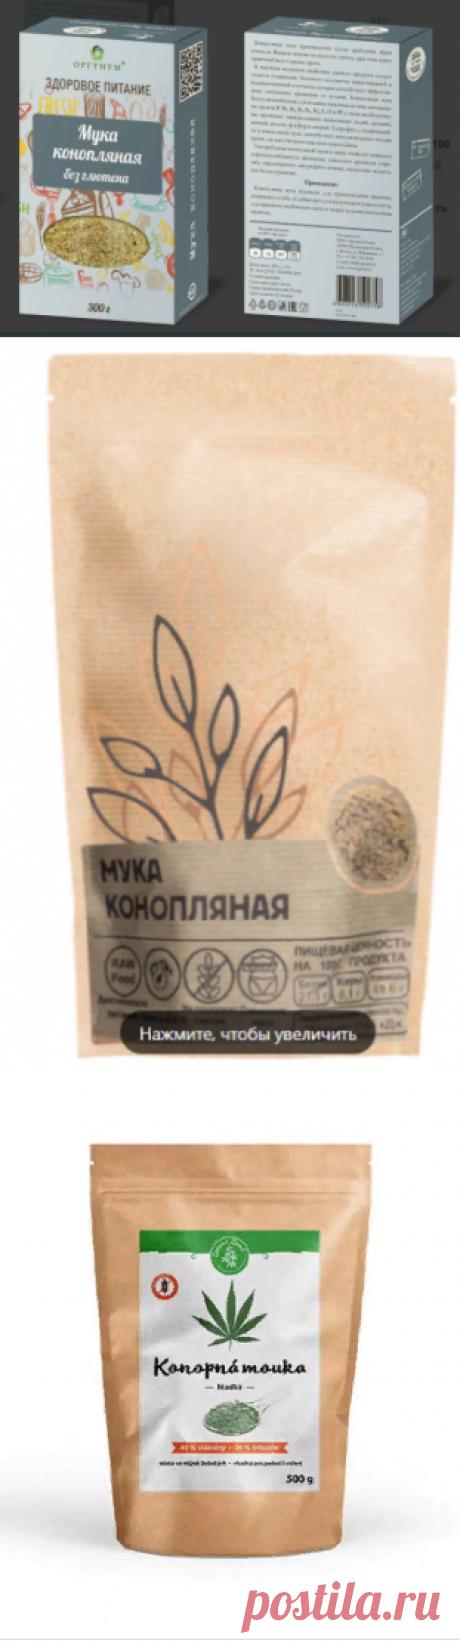 Конопляная мука — прекрасная альтернатива зерновой муке. Особенно рекомендуется людям, соблюдающим безглютеновую диету!